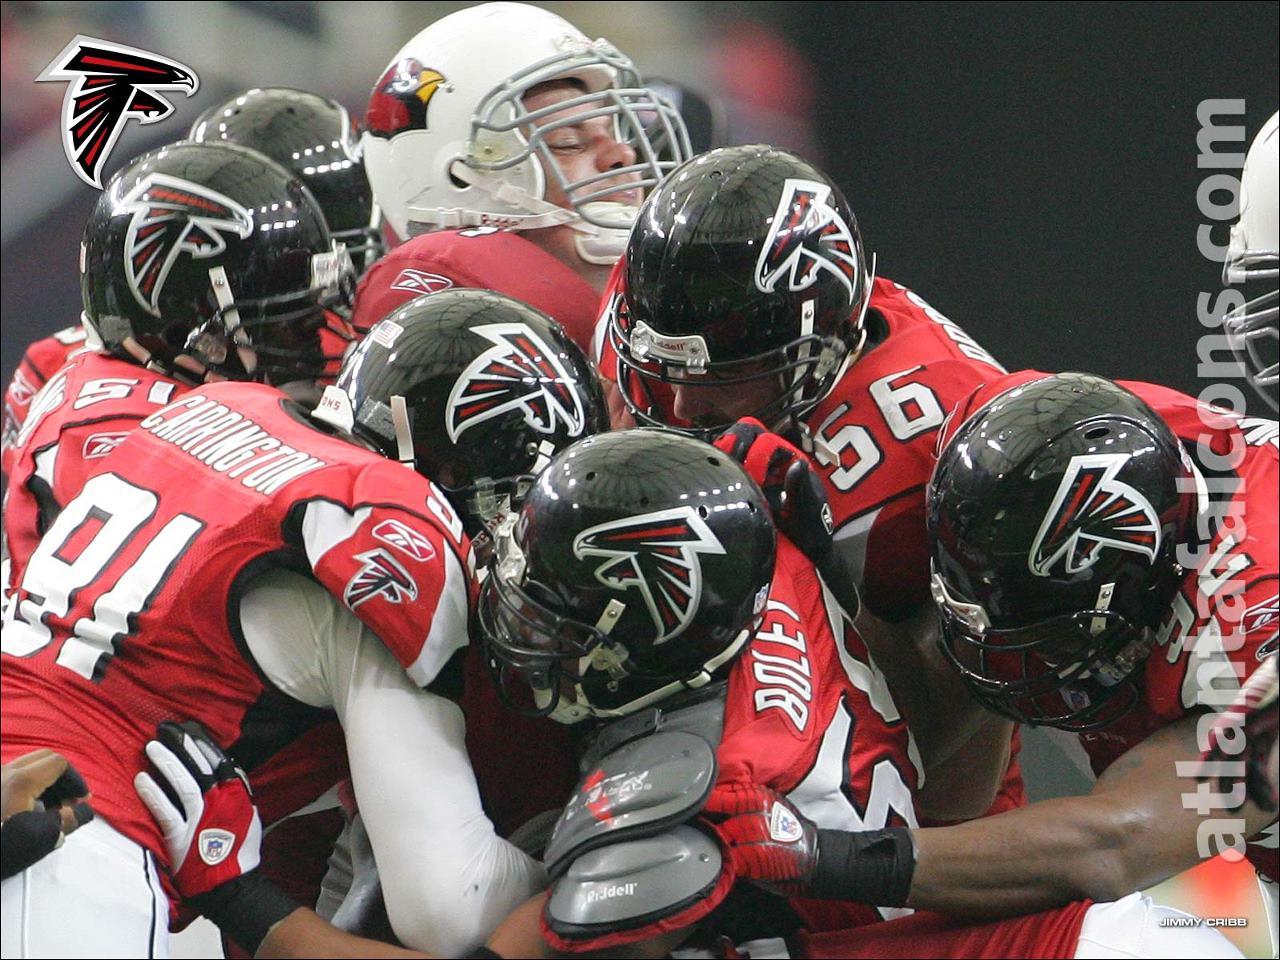 wallpapers football nfl atlanta falcons vs cardinals atlanta falcons 1280x960